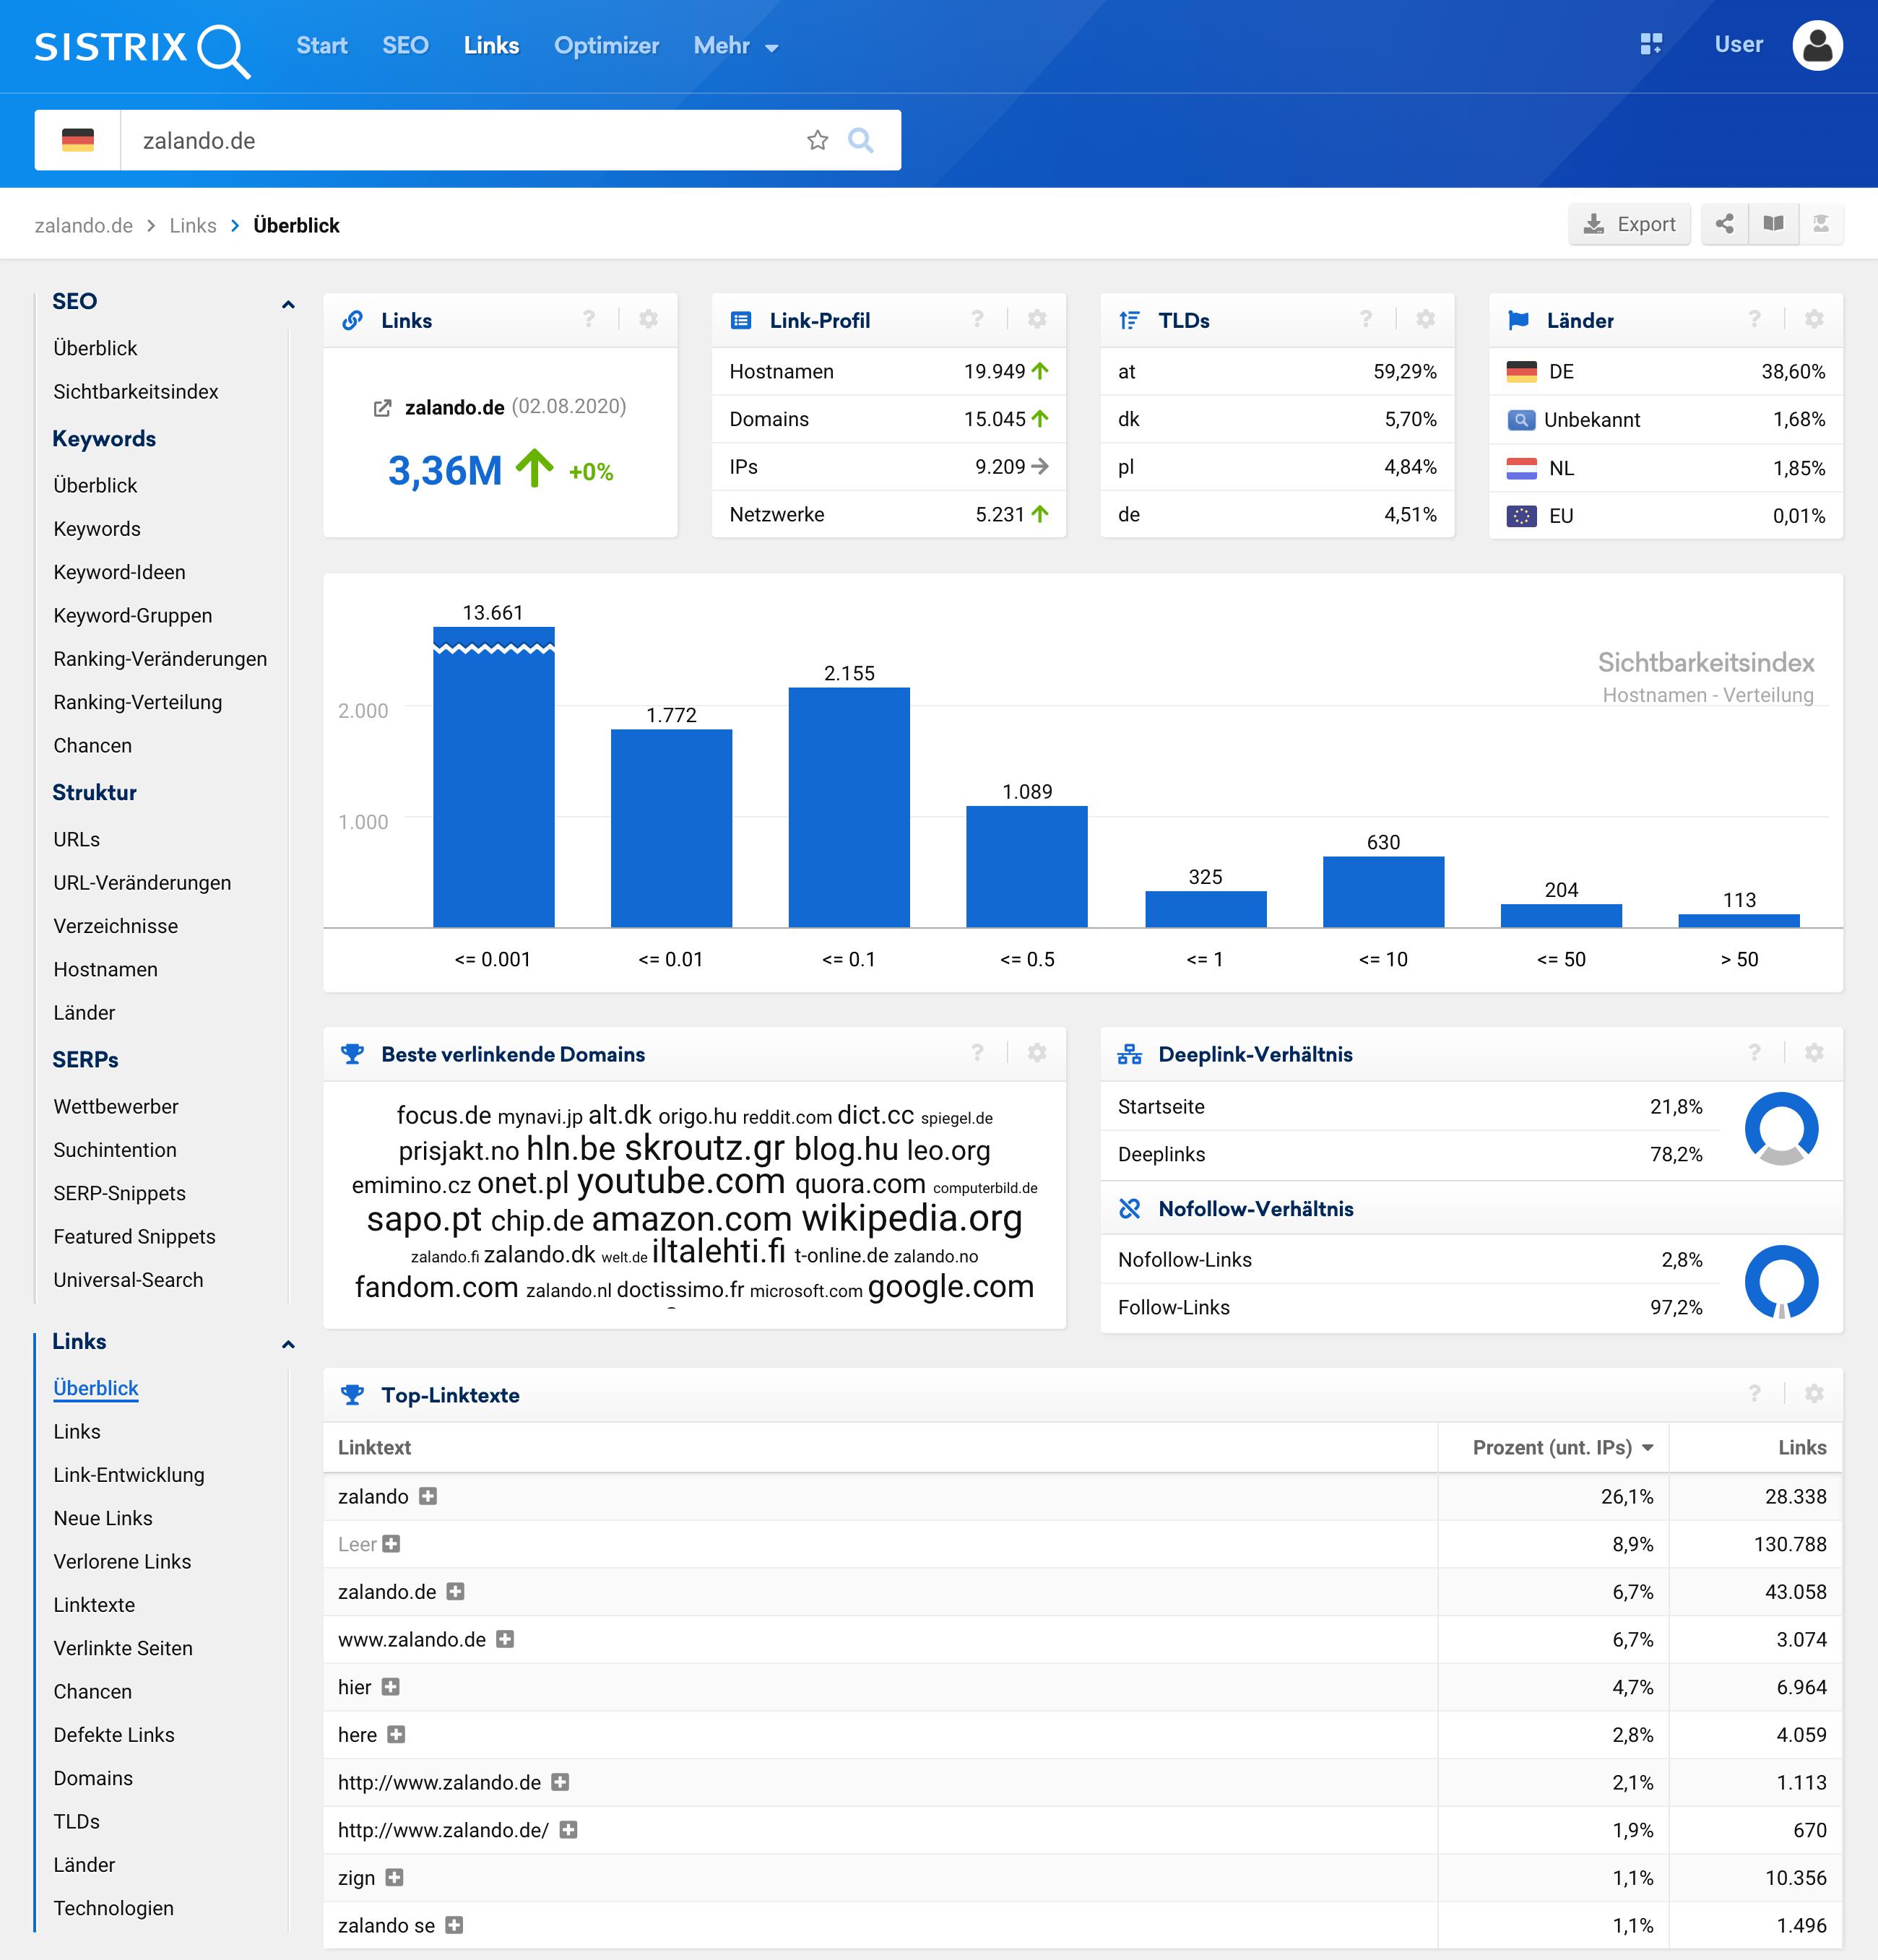 Zeigt die Überblicksseite des Link-Moduls für die Domain zalando.de in der SISTRIX Toolbox an.